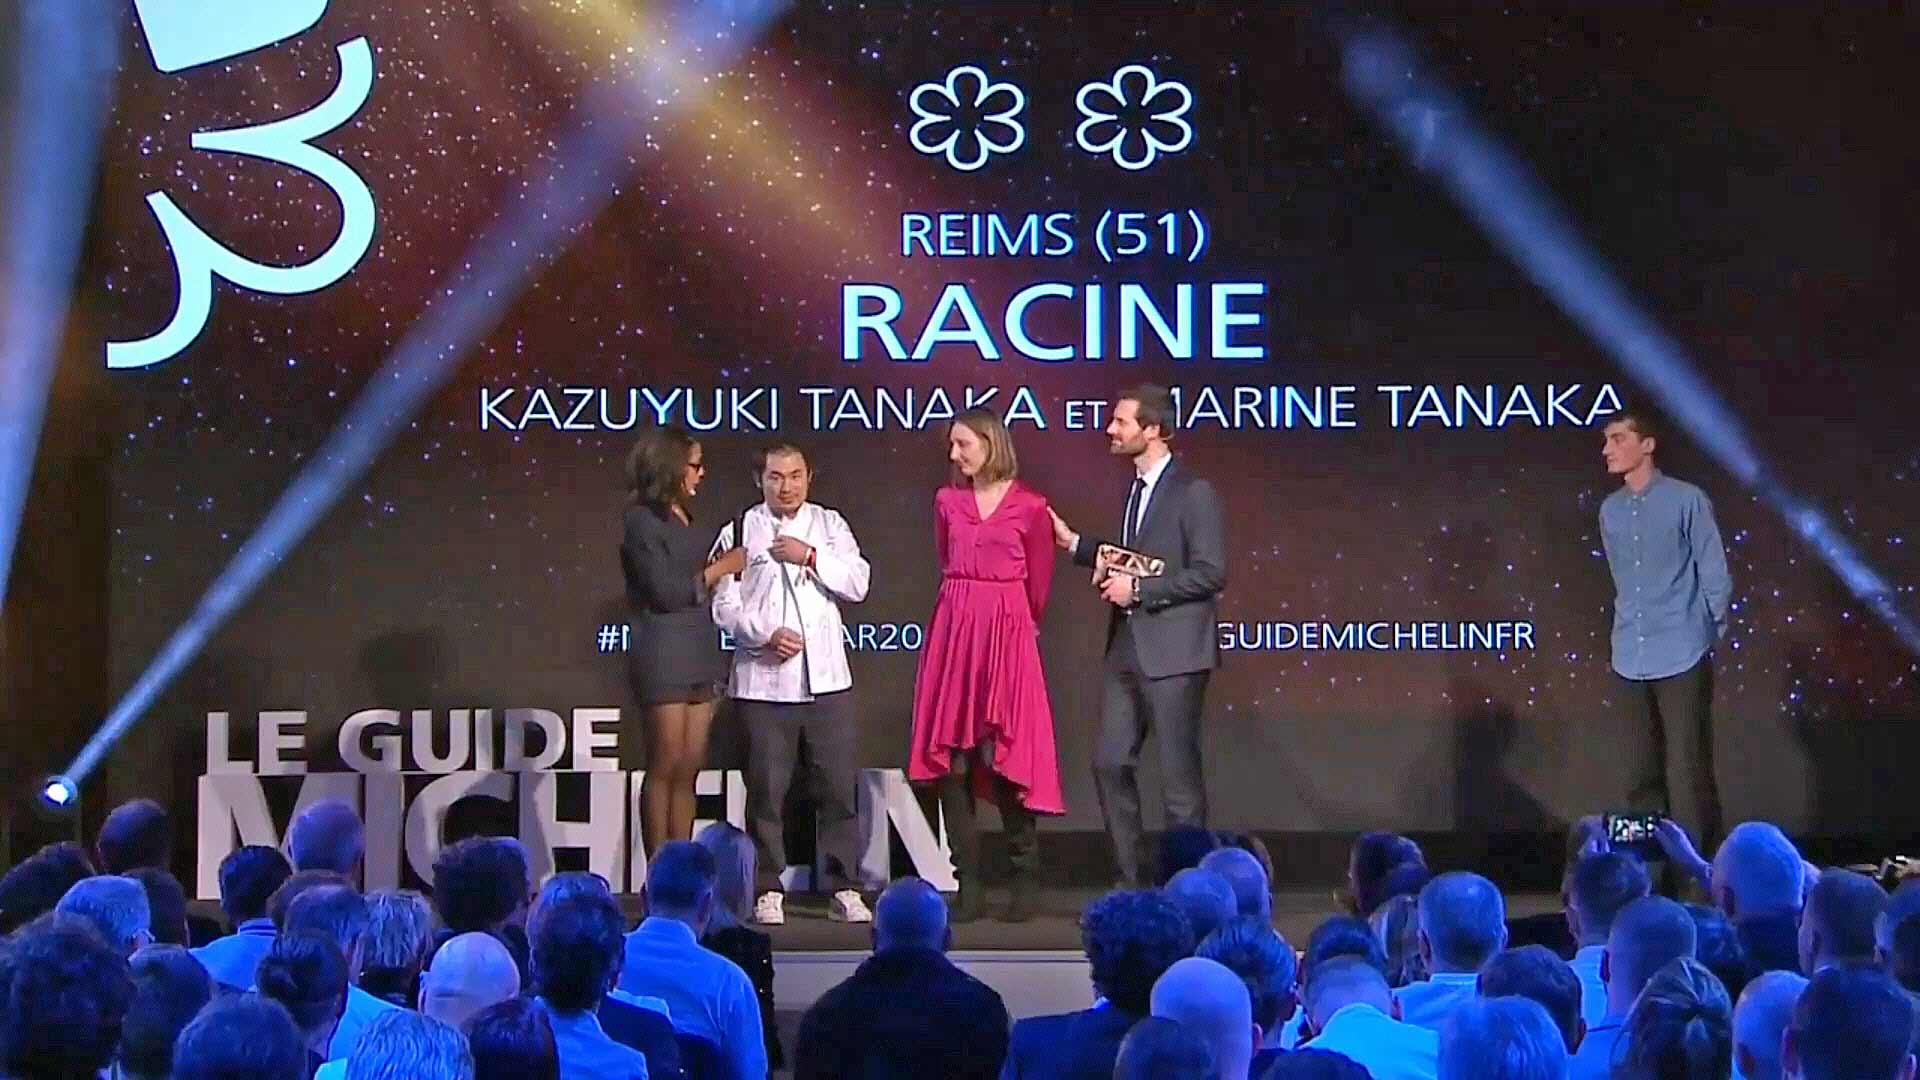 Racine à Reims, nouveau 2 étoiles